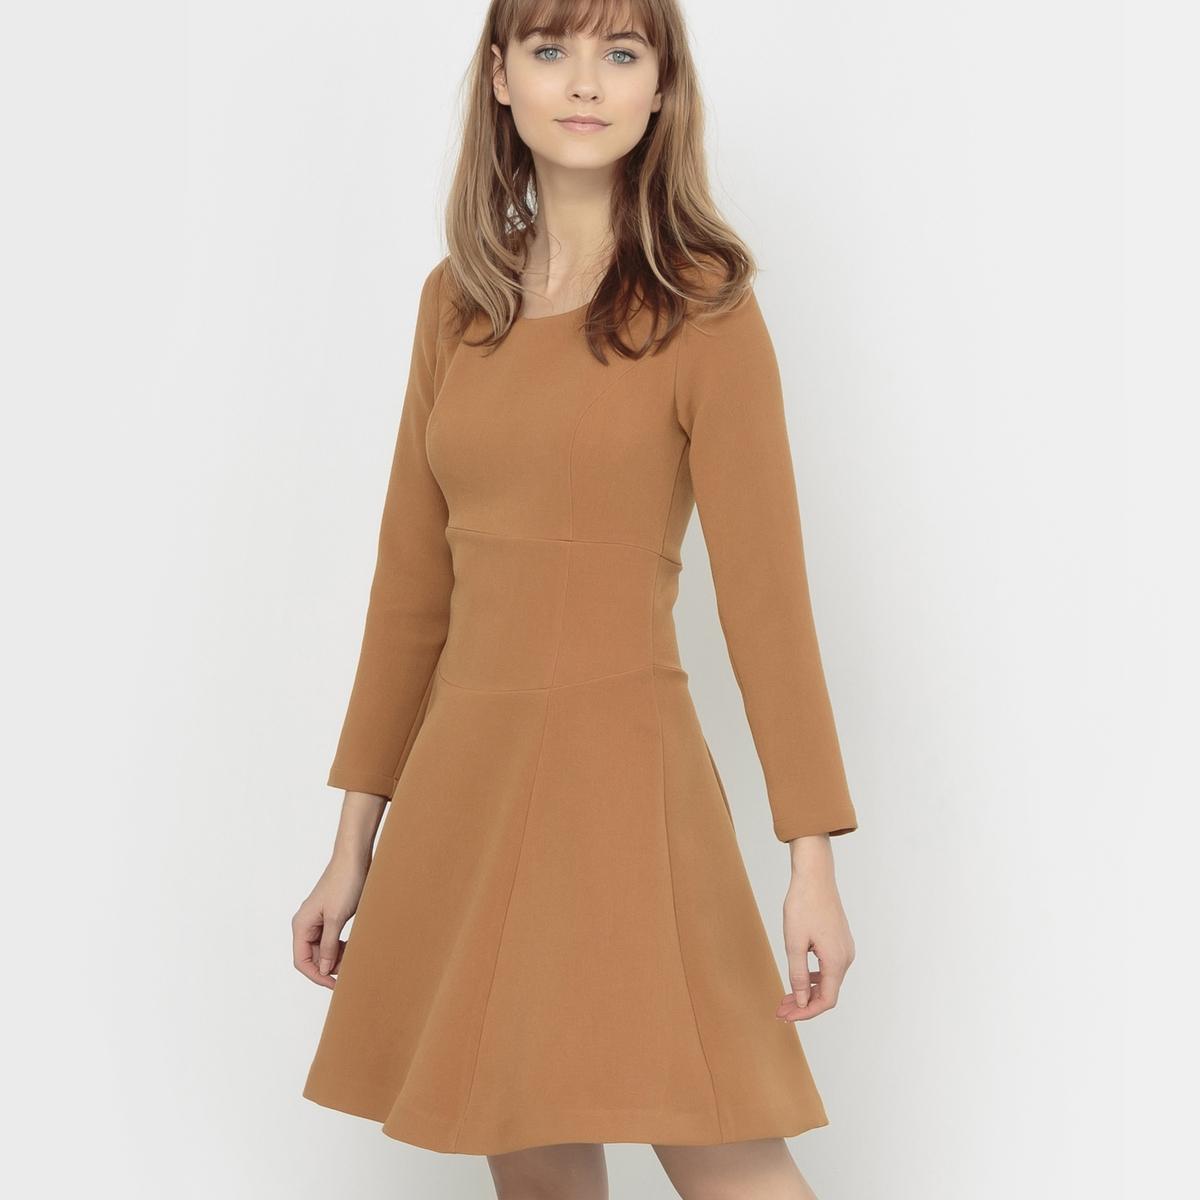 Платье расклешенное стеганое с длинным рукавом RIMMEL RIMMELПлатье с длинным рукавом RIMMEL RIMMEL от KARL MARC JOHN. Расклешенный к низу покрой. Стеганая ткань.Состав и описаниеМарка : KARL MARC JOHNМатериал :  70% полиэстера, 26% вискозы, 4% эластана<br><br>Цвет: темно-бежевый<br>Размер: S